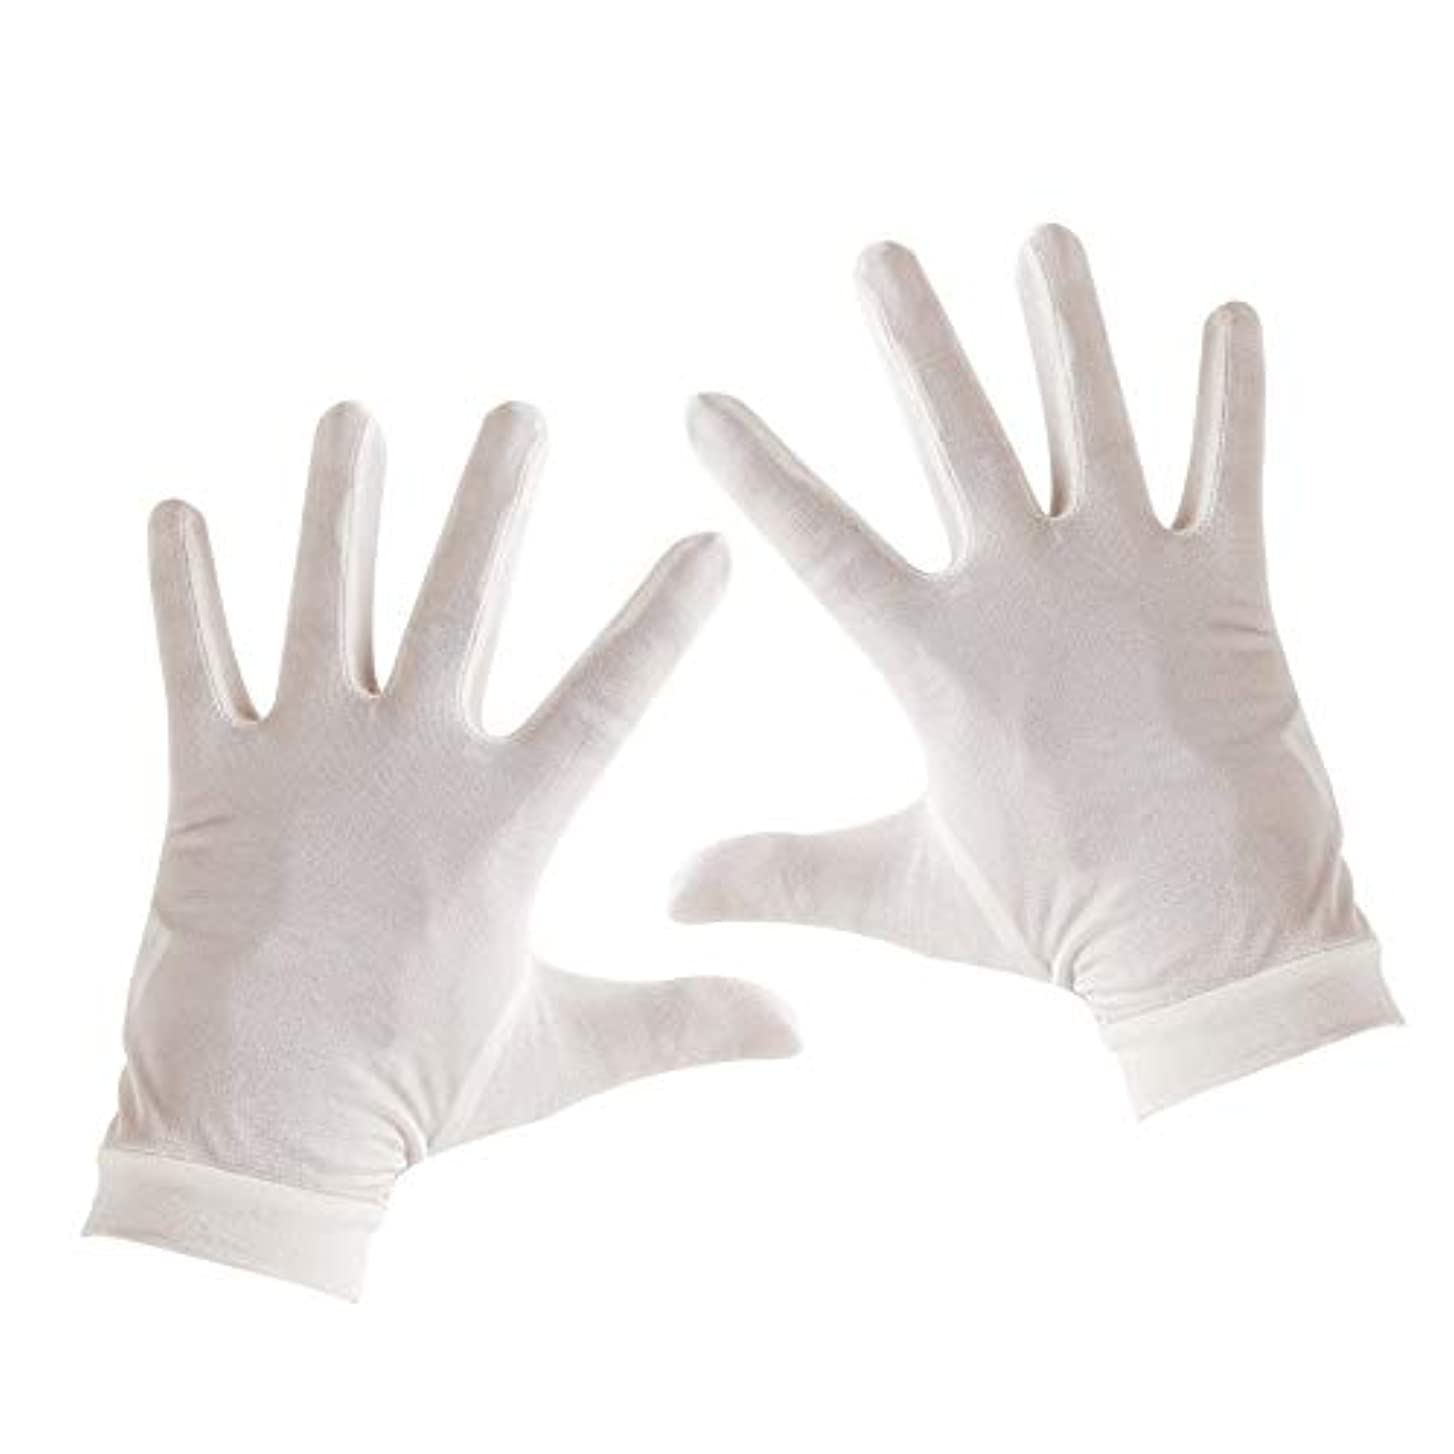 与える不正シーフードTenn Well シルク手袋, 天然絹100% 手荒れ対策 保湿ケア UVカット おやすみ手袋 (白い)